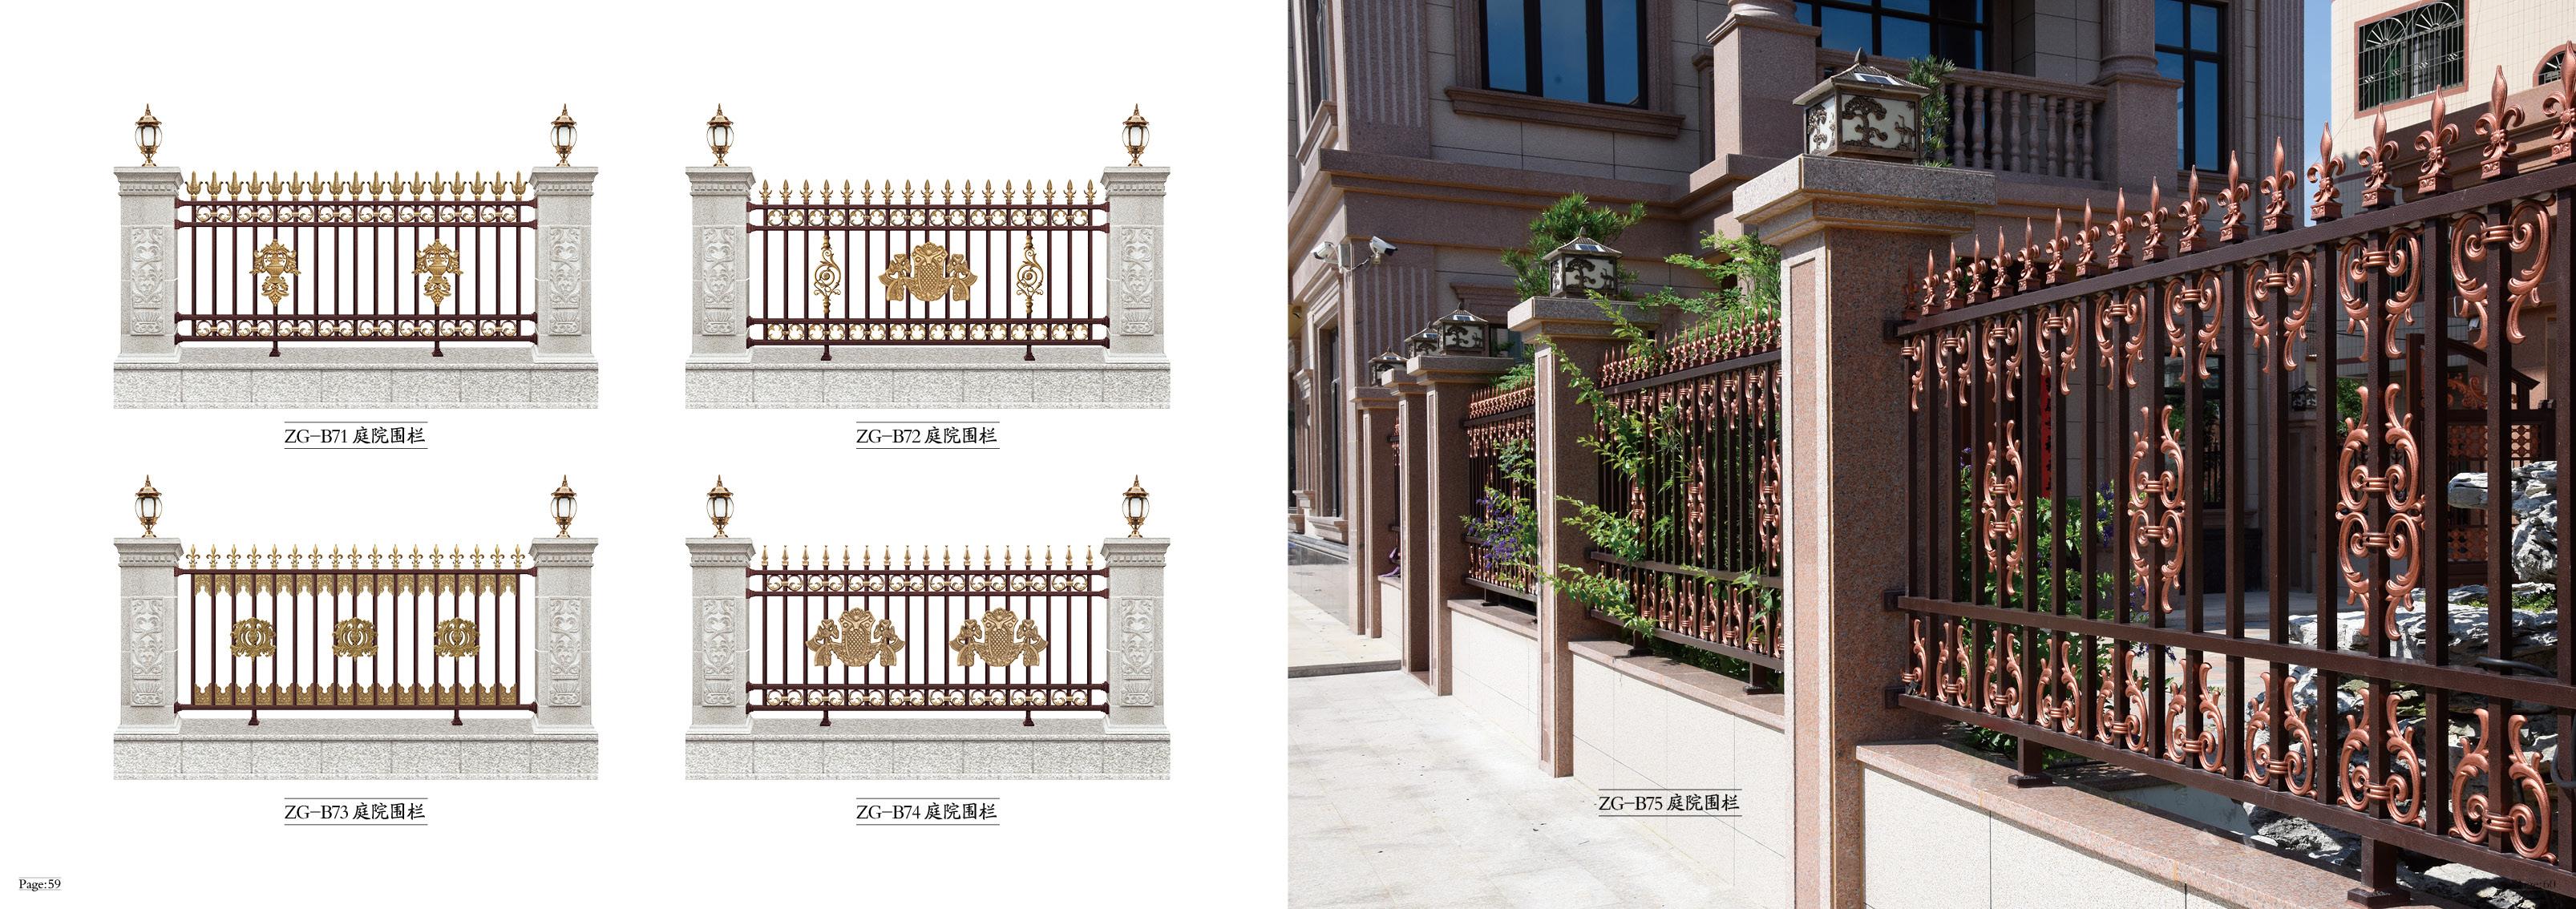 澳门庭院围栏